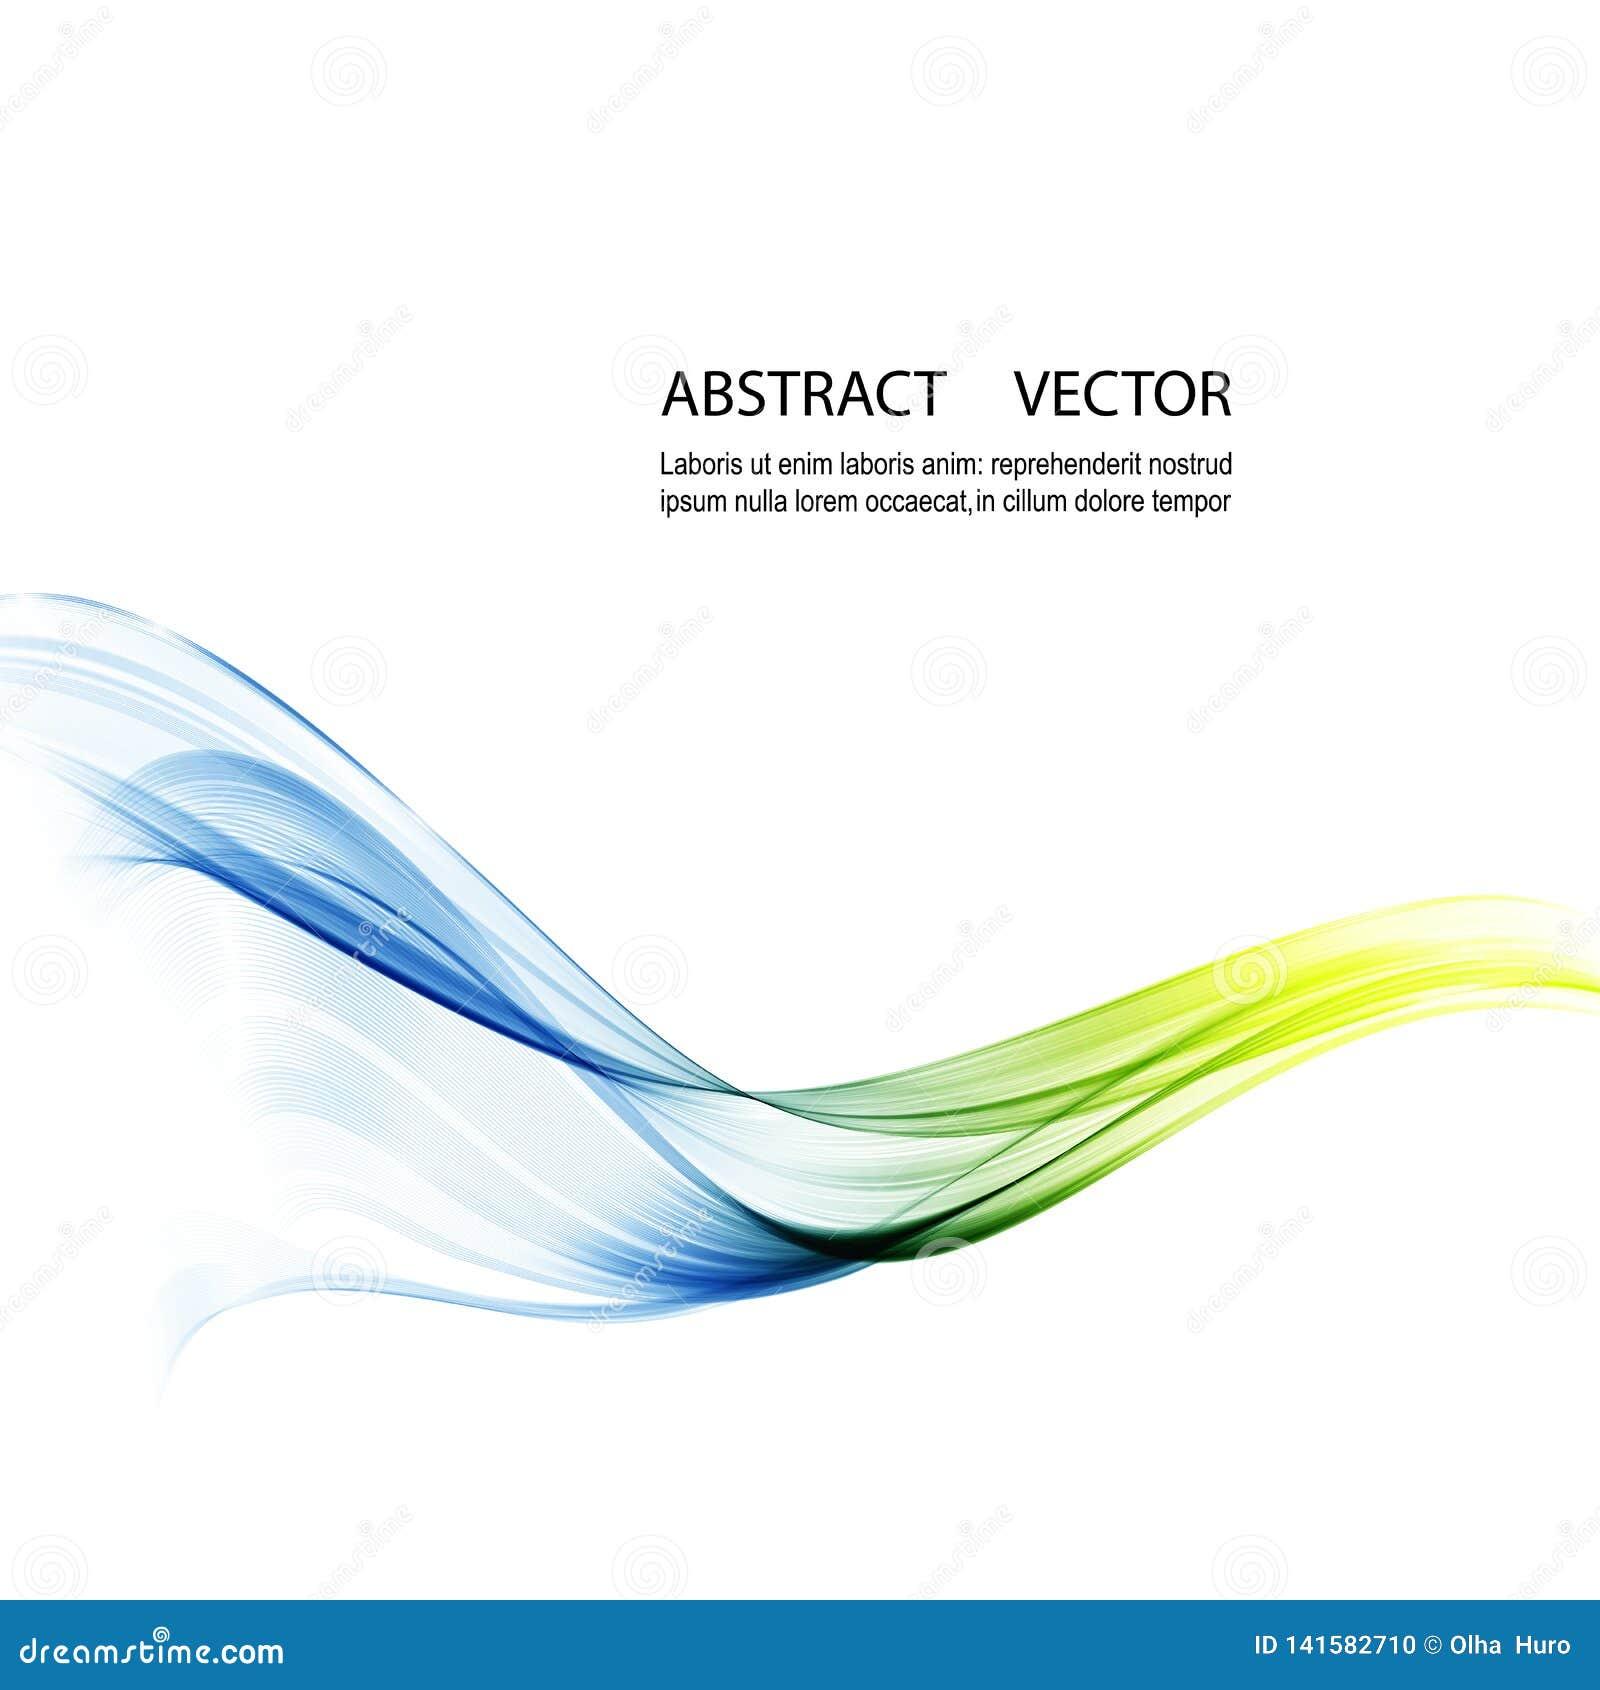 Αφηρημένο διανυσματικό υπόβαθρο, μπλε και πράσινες κυματισμένες γραμμές για το φυλλάδιο, ιστοχώρος, σχέδιο ιπτάμενων